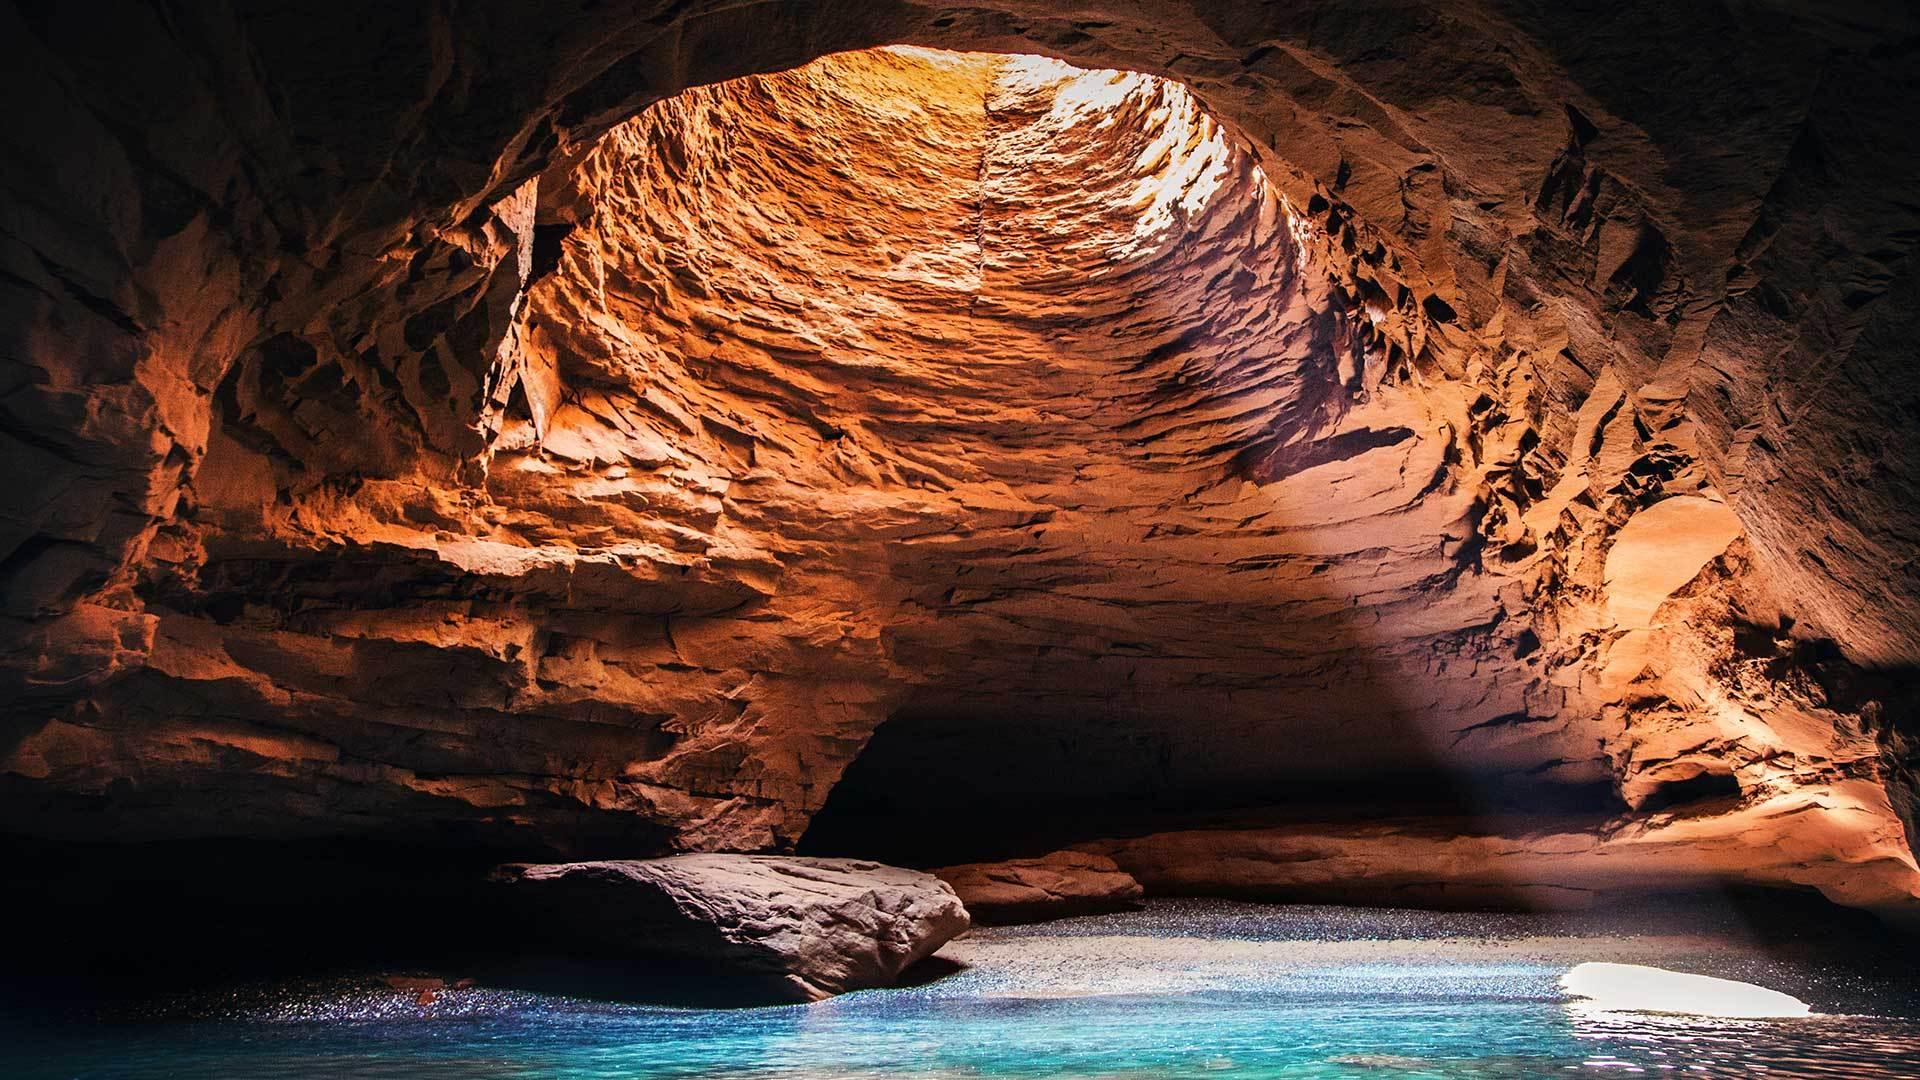 马格达伦群岛洞穴内部